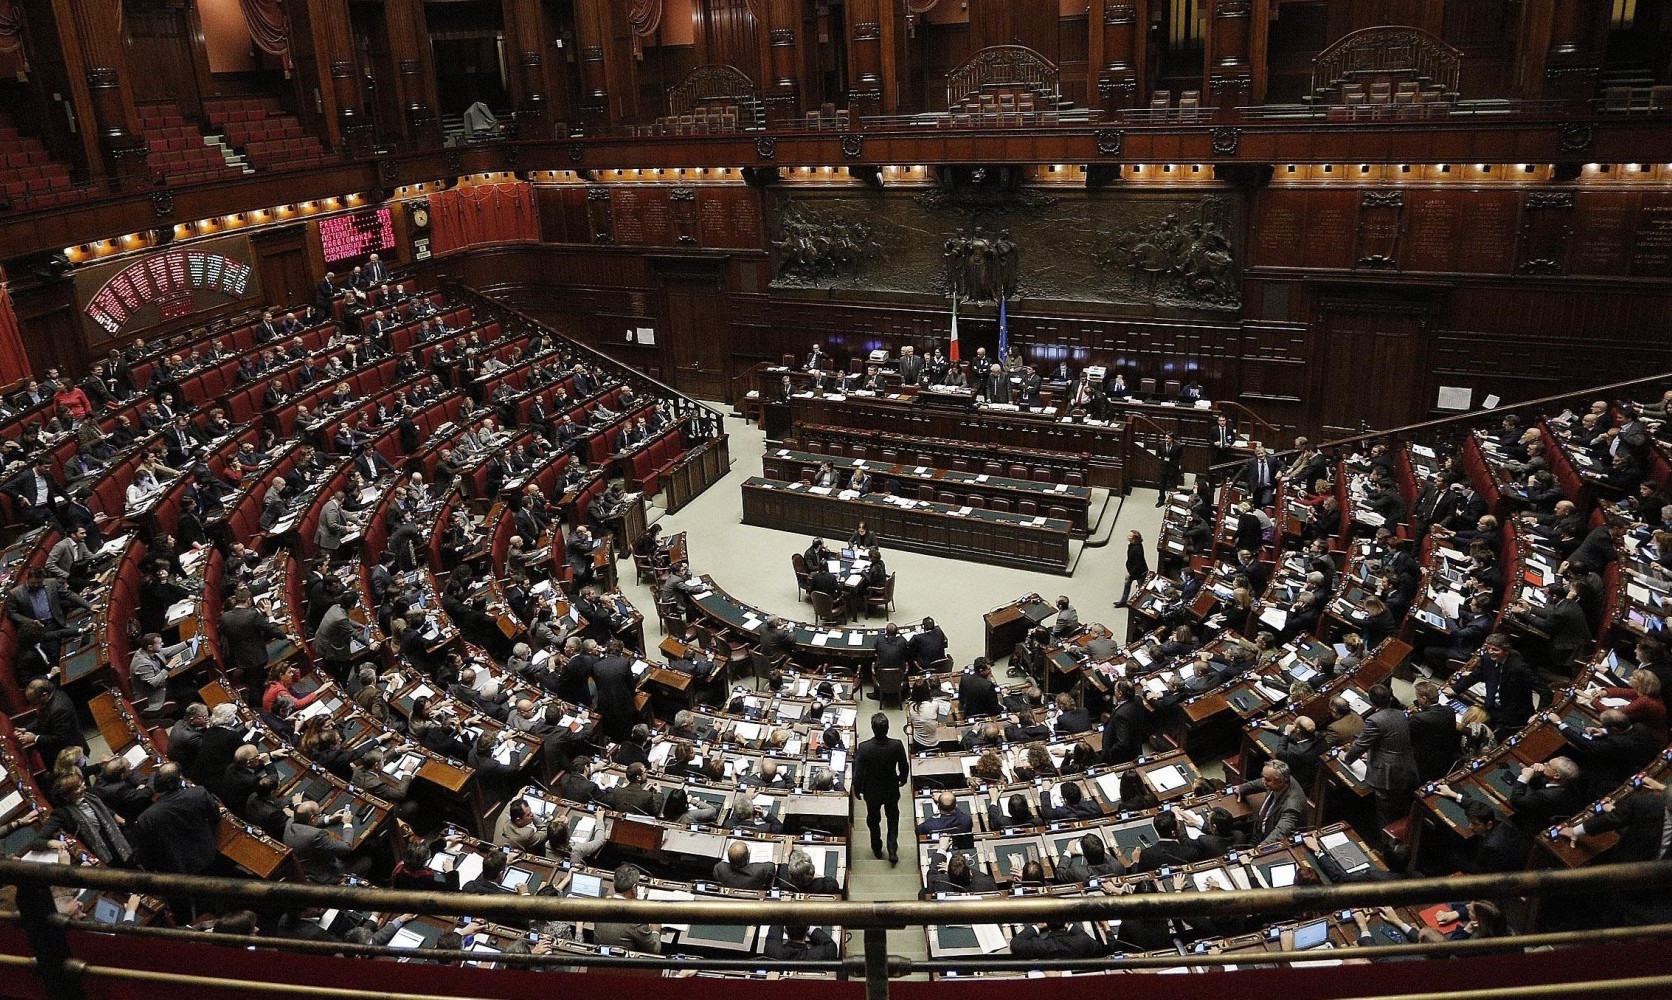 La camera approva il decreto sugli enti locali ora in for Commissione bilancio camera dei deputati